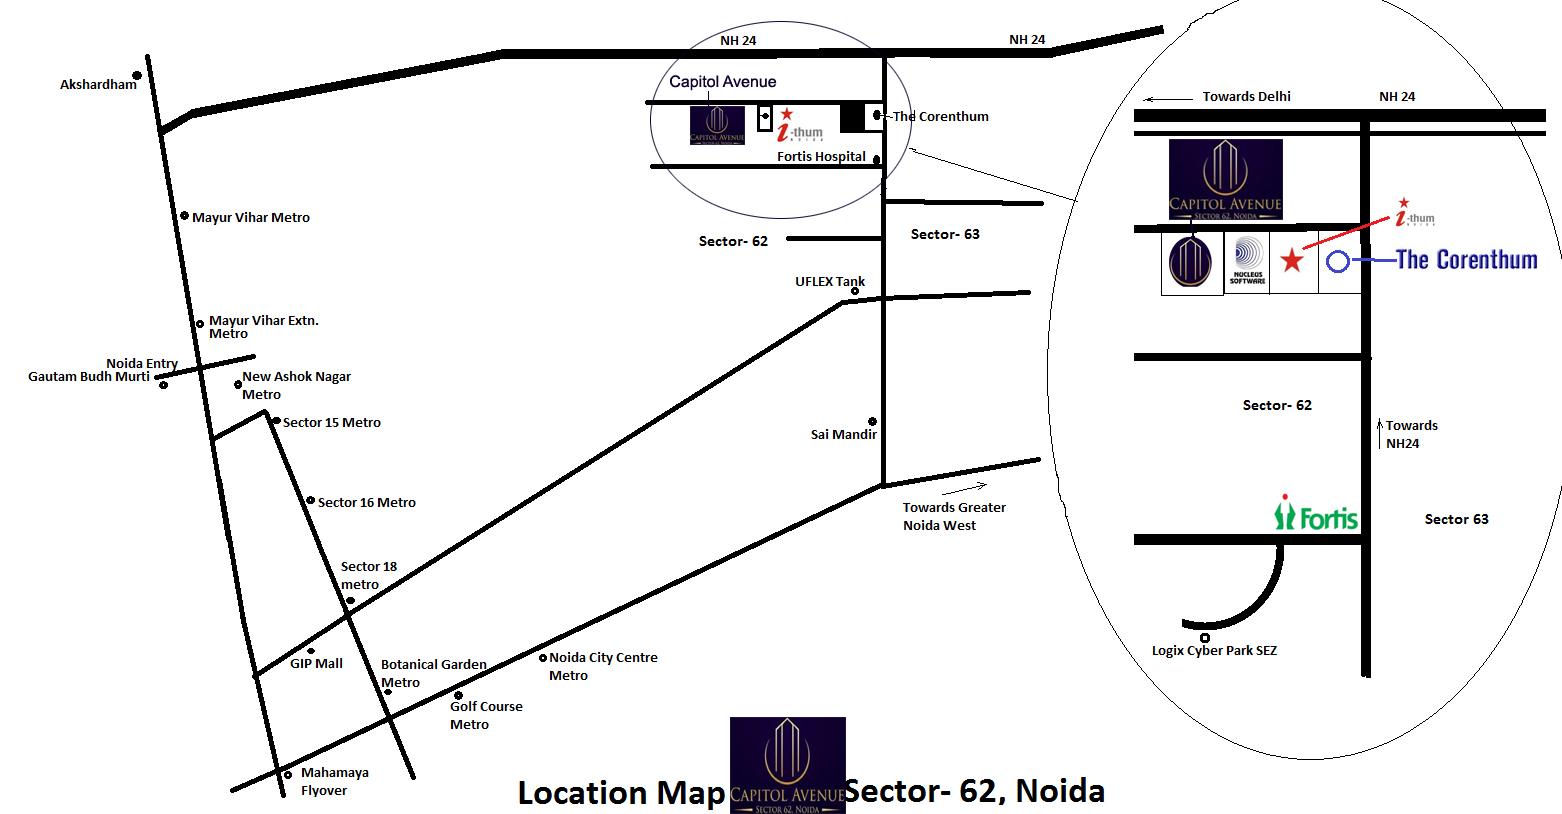 Capitol Avenue locationmap